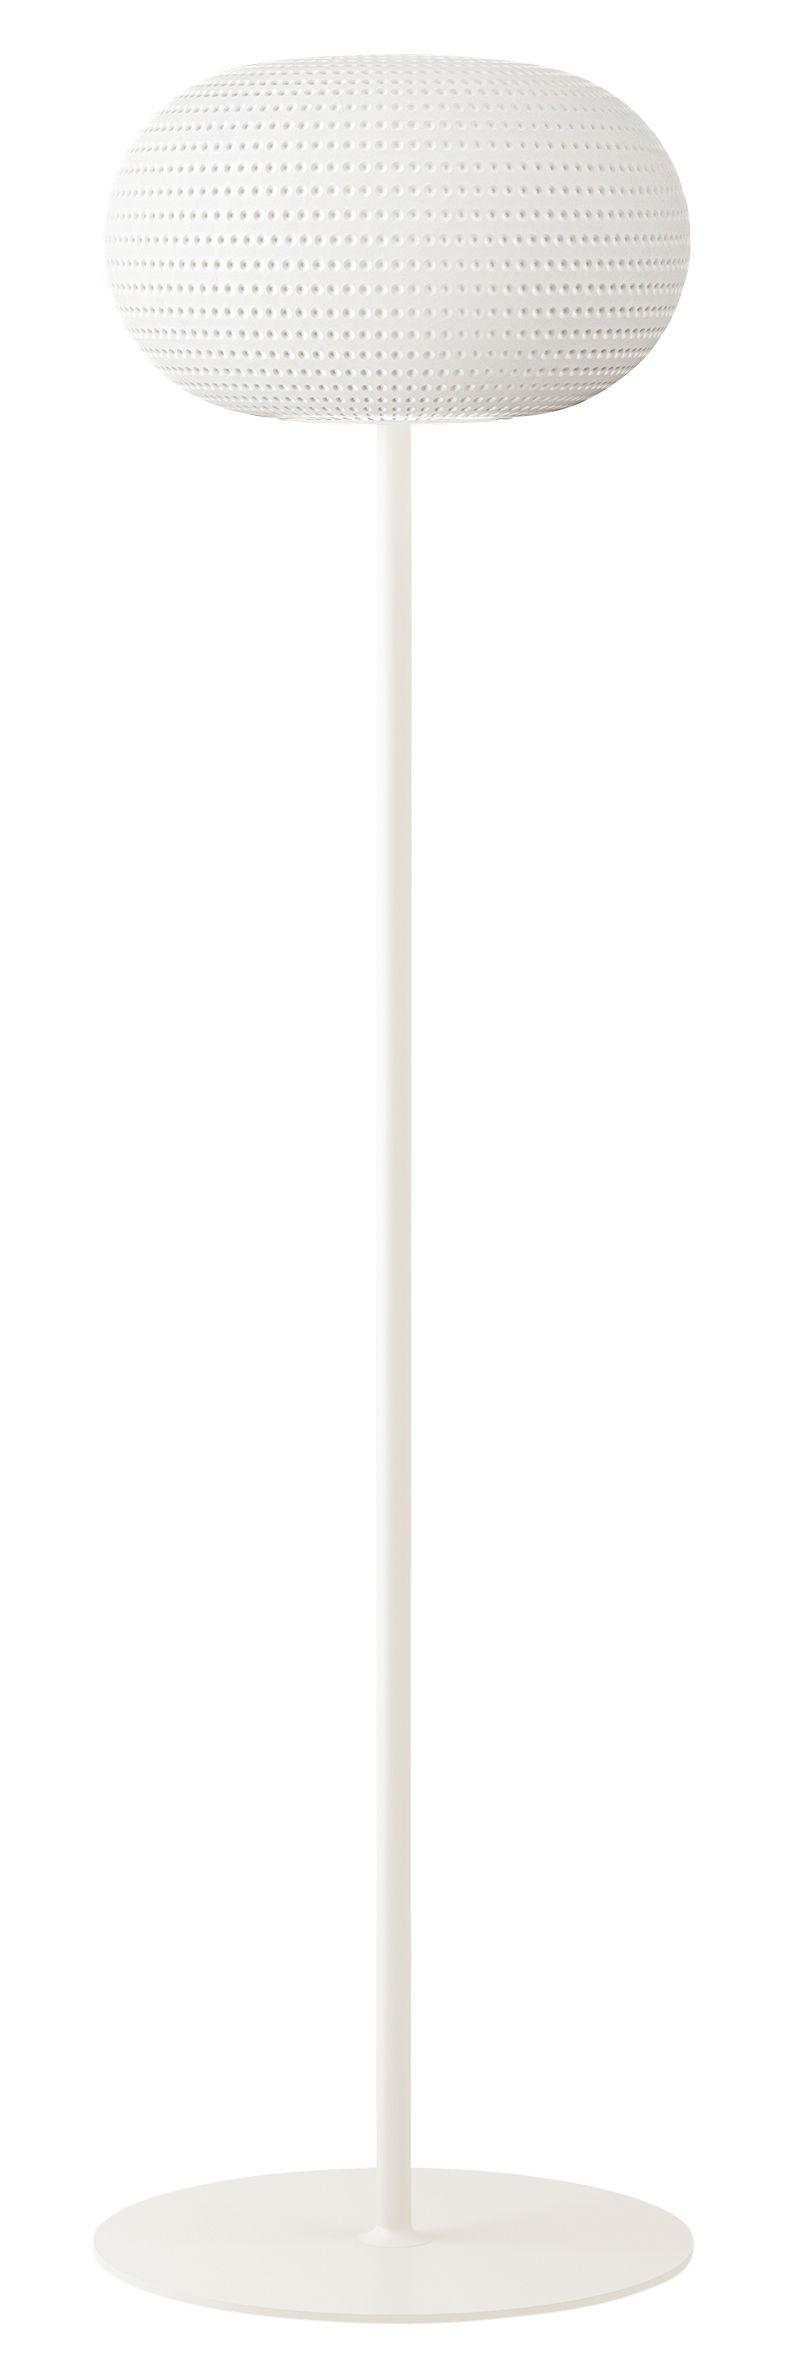 Luminaire - Lampadaires - Lampadaire Bianca LED / Verre - Fontana Arte - Blanc / Pied blanc - Métal verni, Verre soufflé